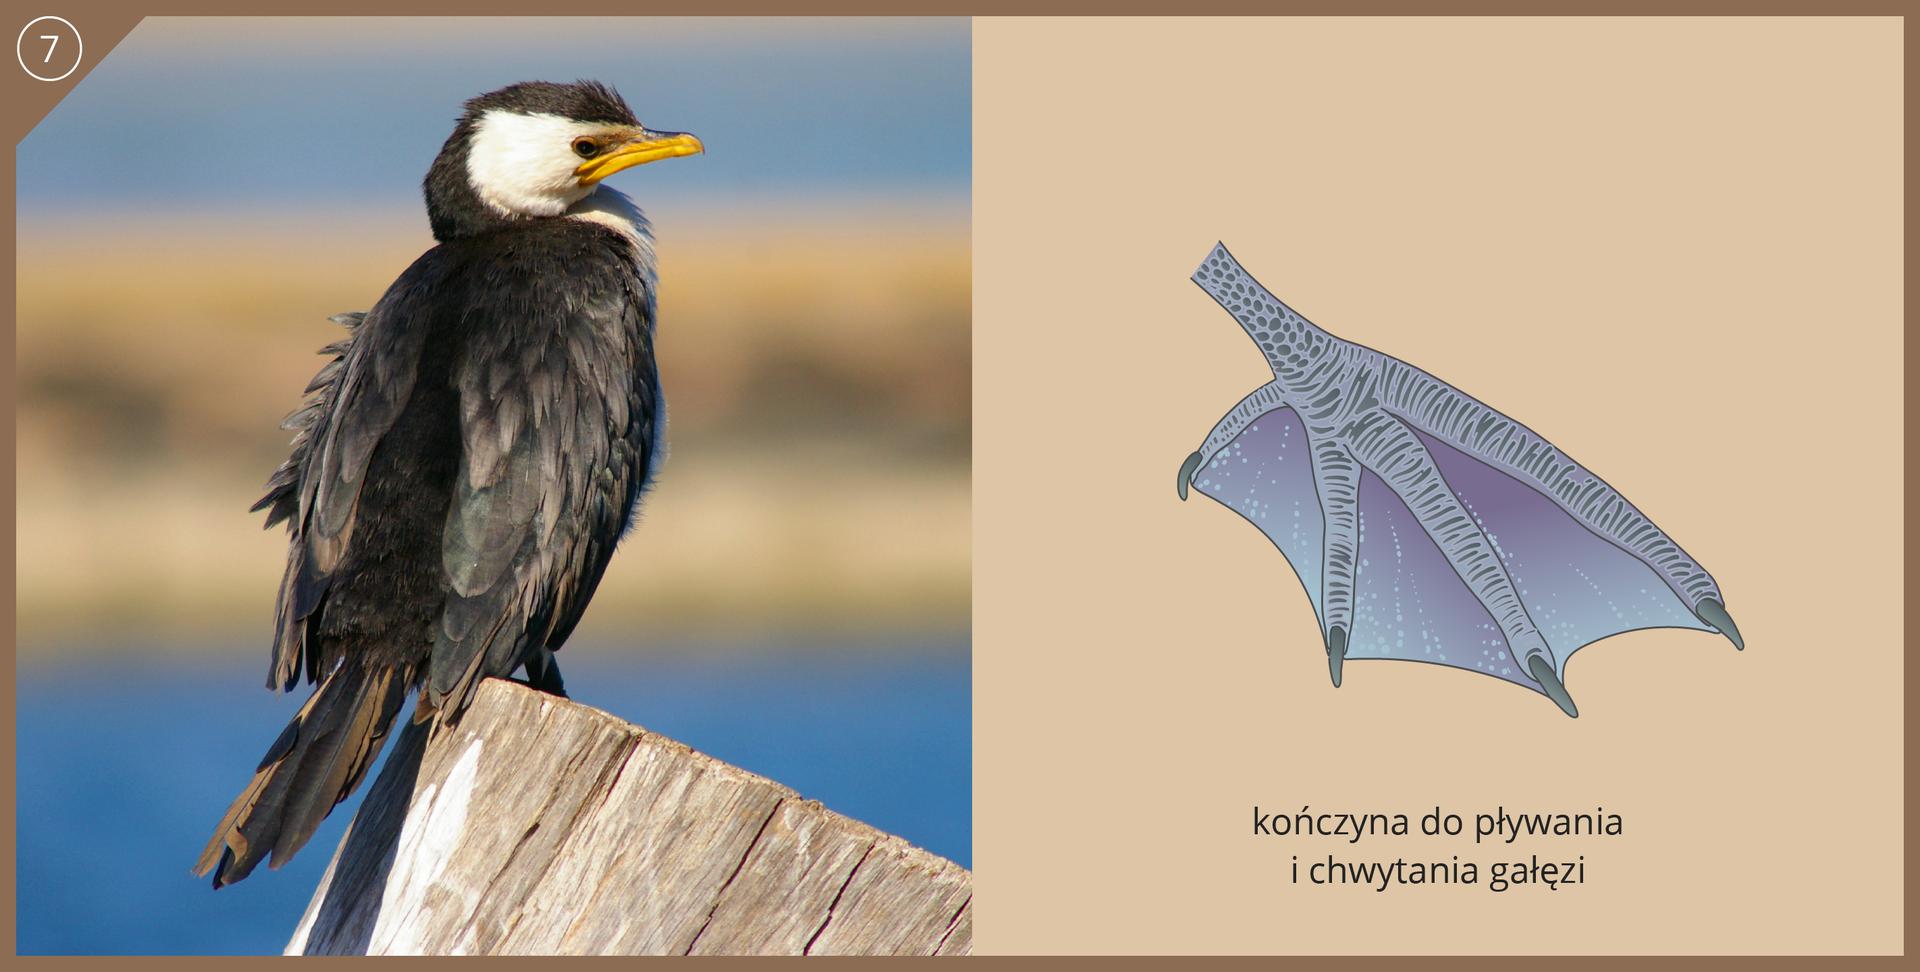 Fotografia przedstawia kormorana, siedzącego na drewnianym palu. Czarny ptak ma białą głowę iżółty, długi dziób lekko zakrzywiony na końcu. Ilustracja przedstawia kończynę przystosowana do pływania ichwytania gałęzi. Trzy niebieskie palce są wydłużone, czwarty krótszy ale wszystkie połączone błoną pławną. Pazury średnio długie.